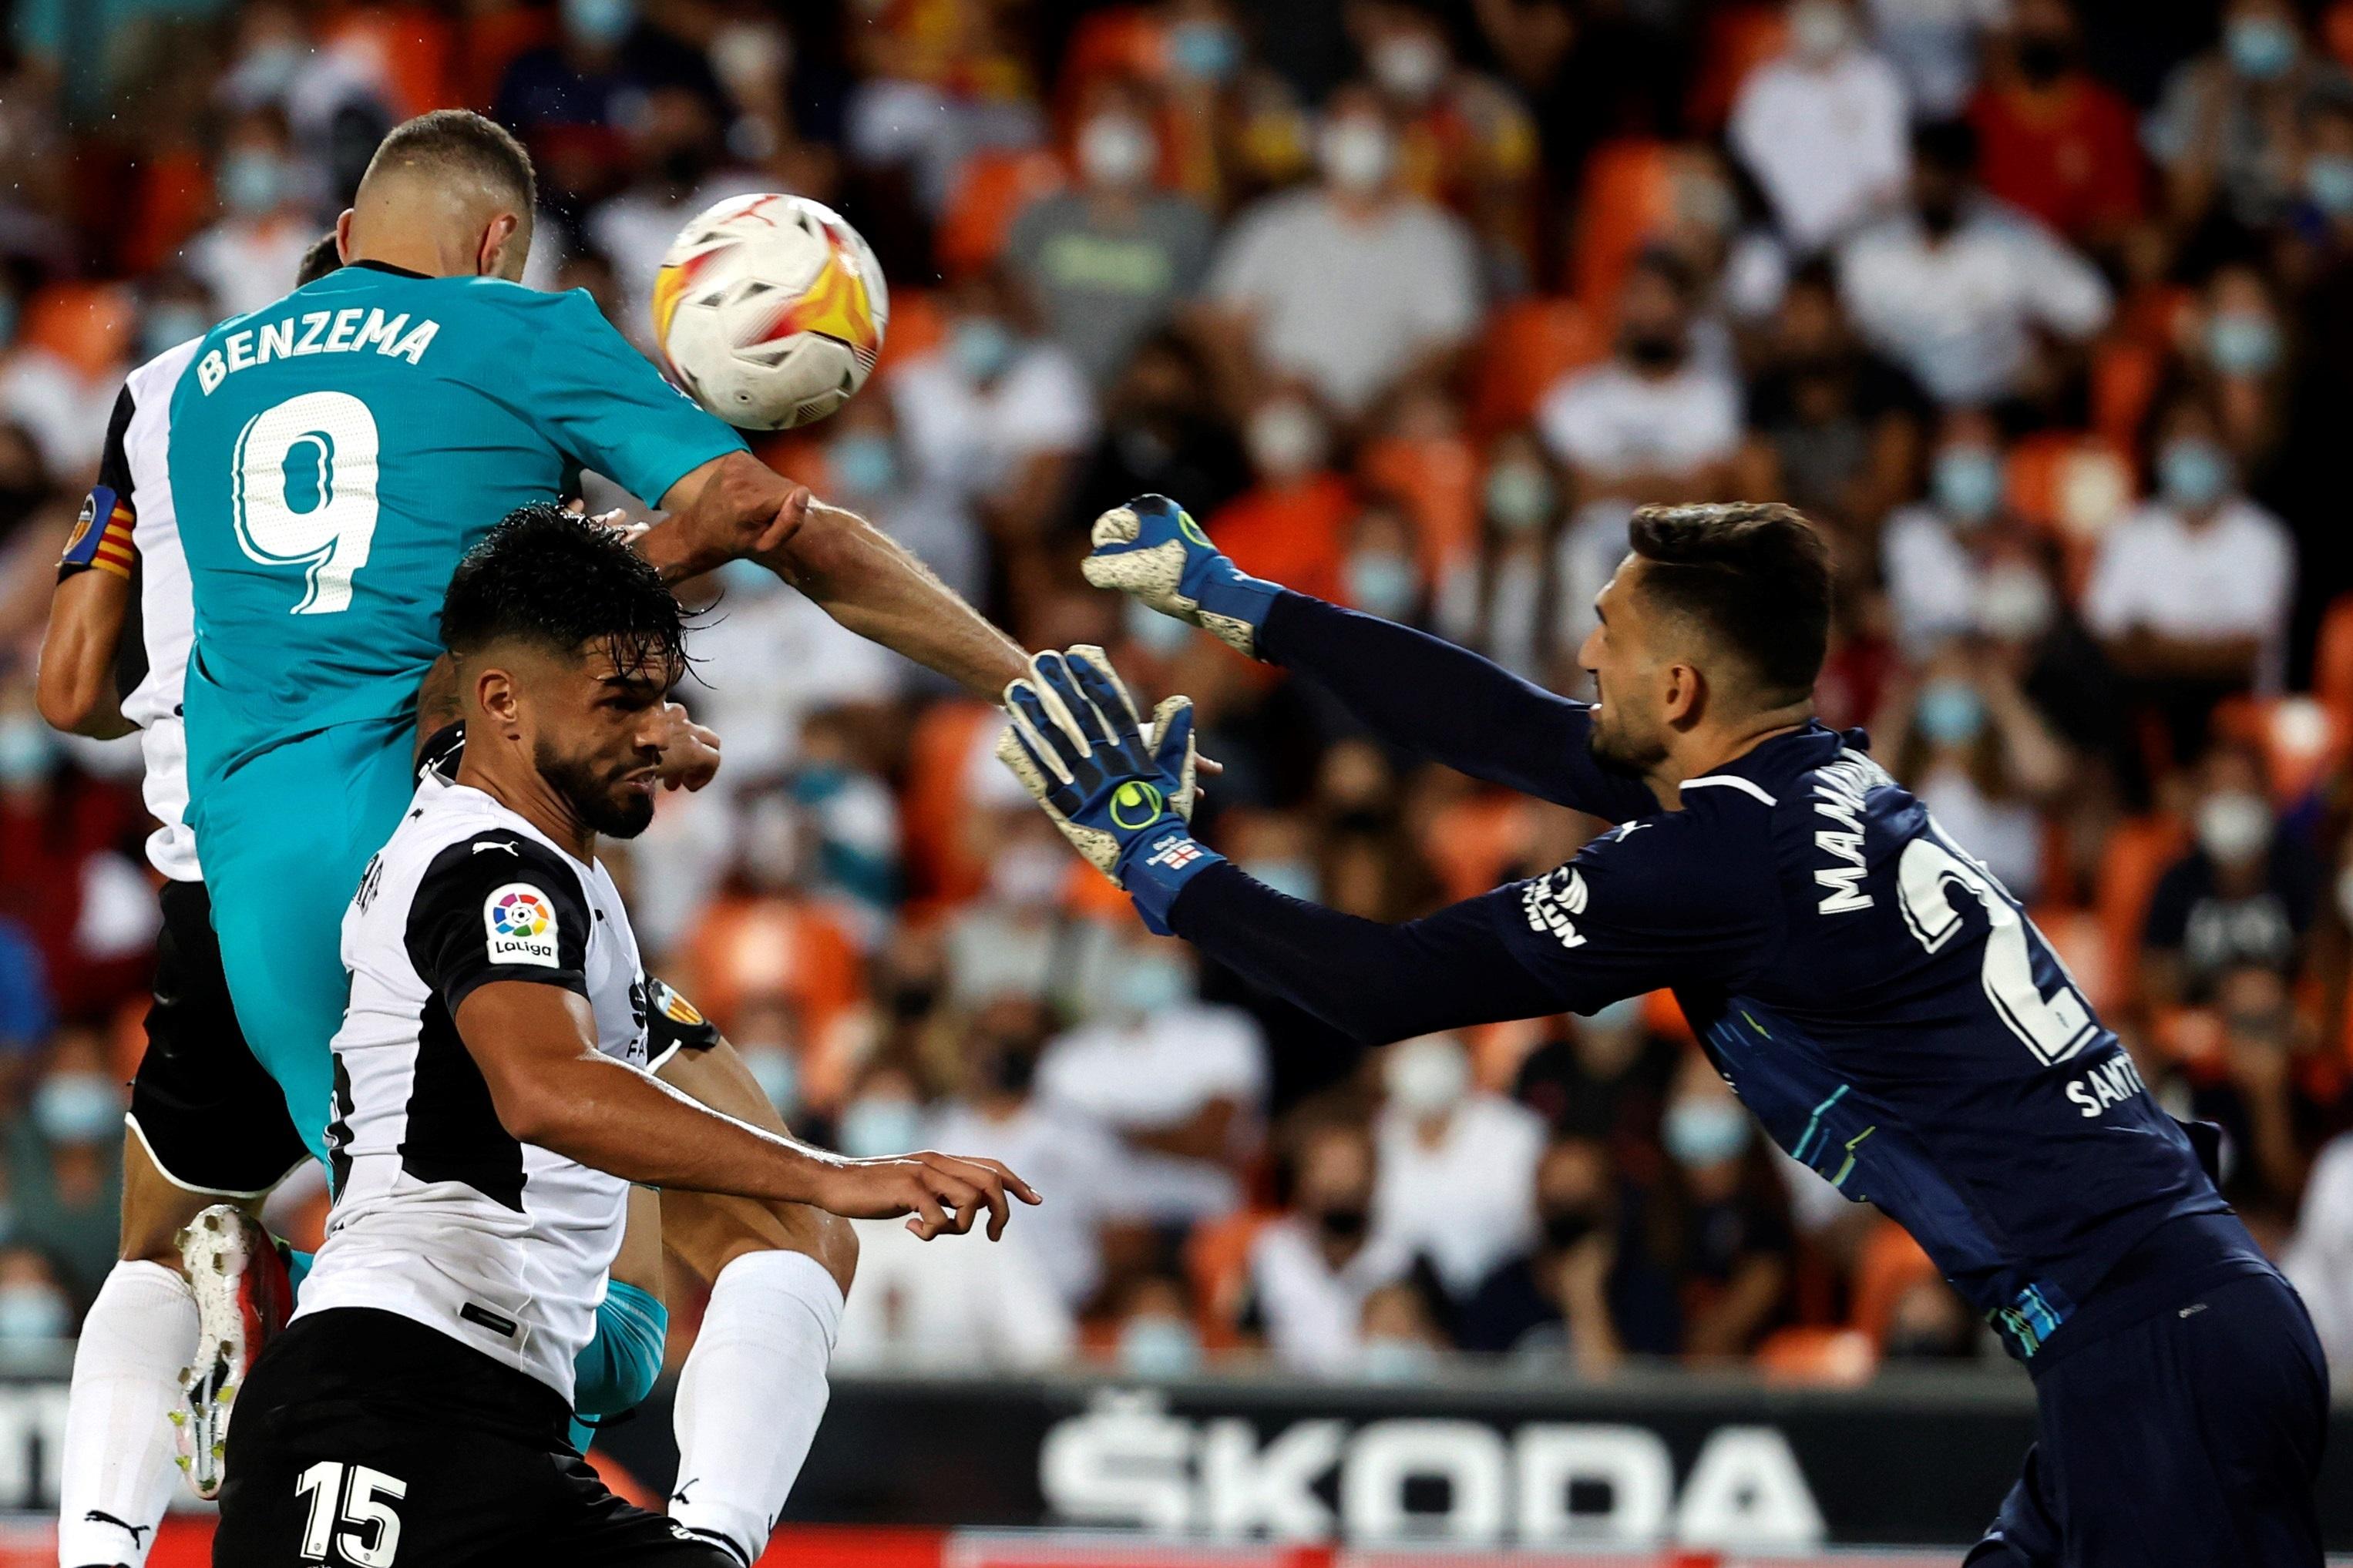 El remate con el hombro de Benzema que valió el triunfo en Mestalla.